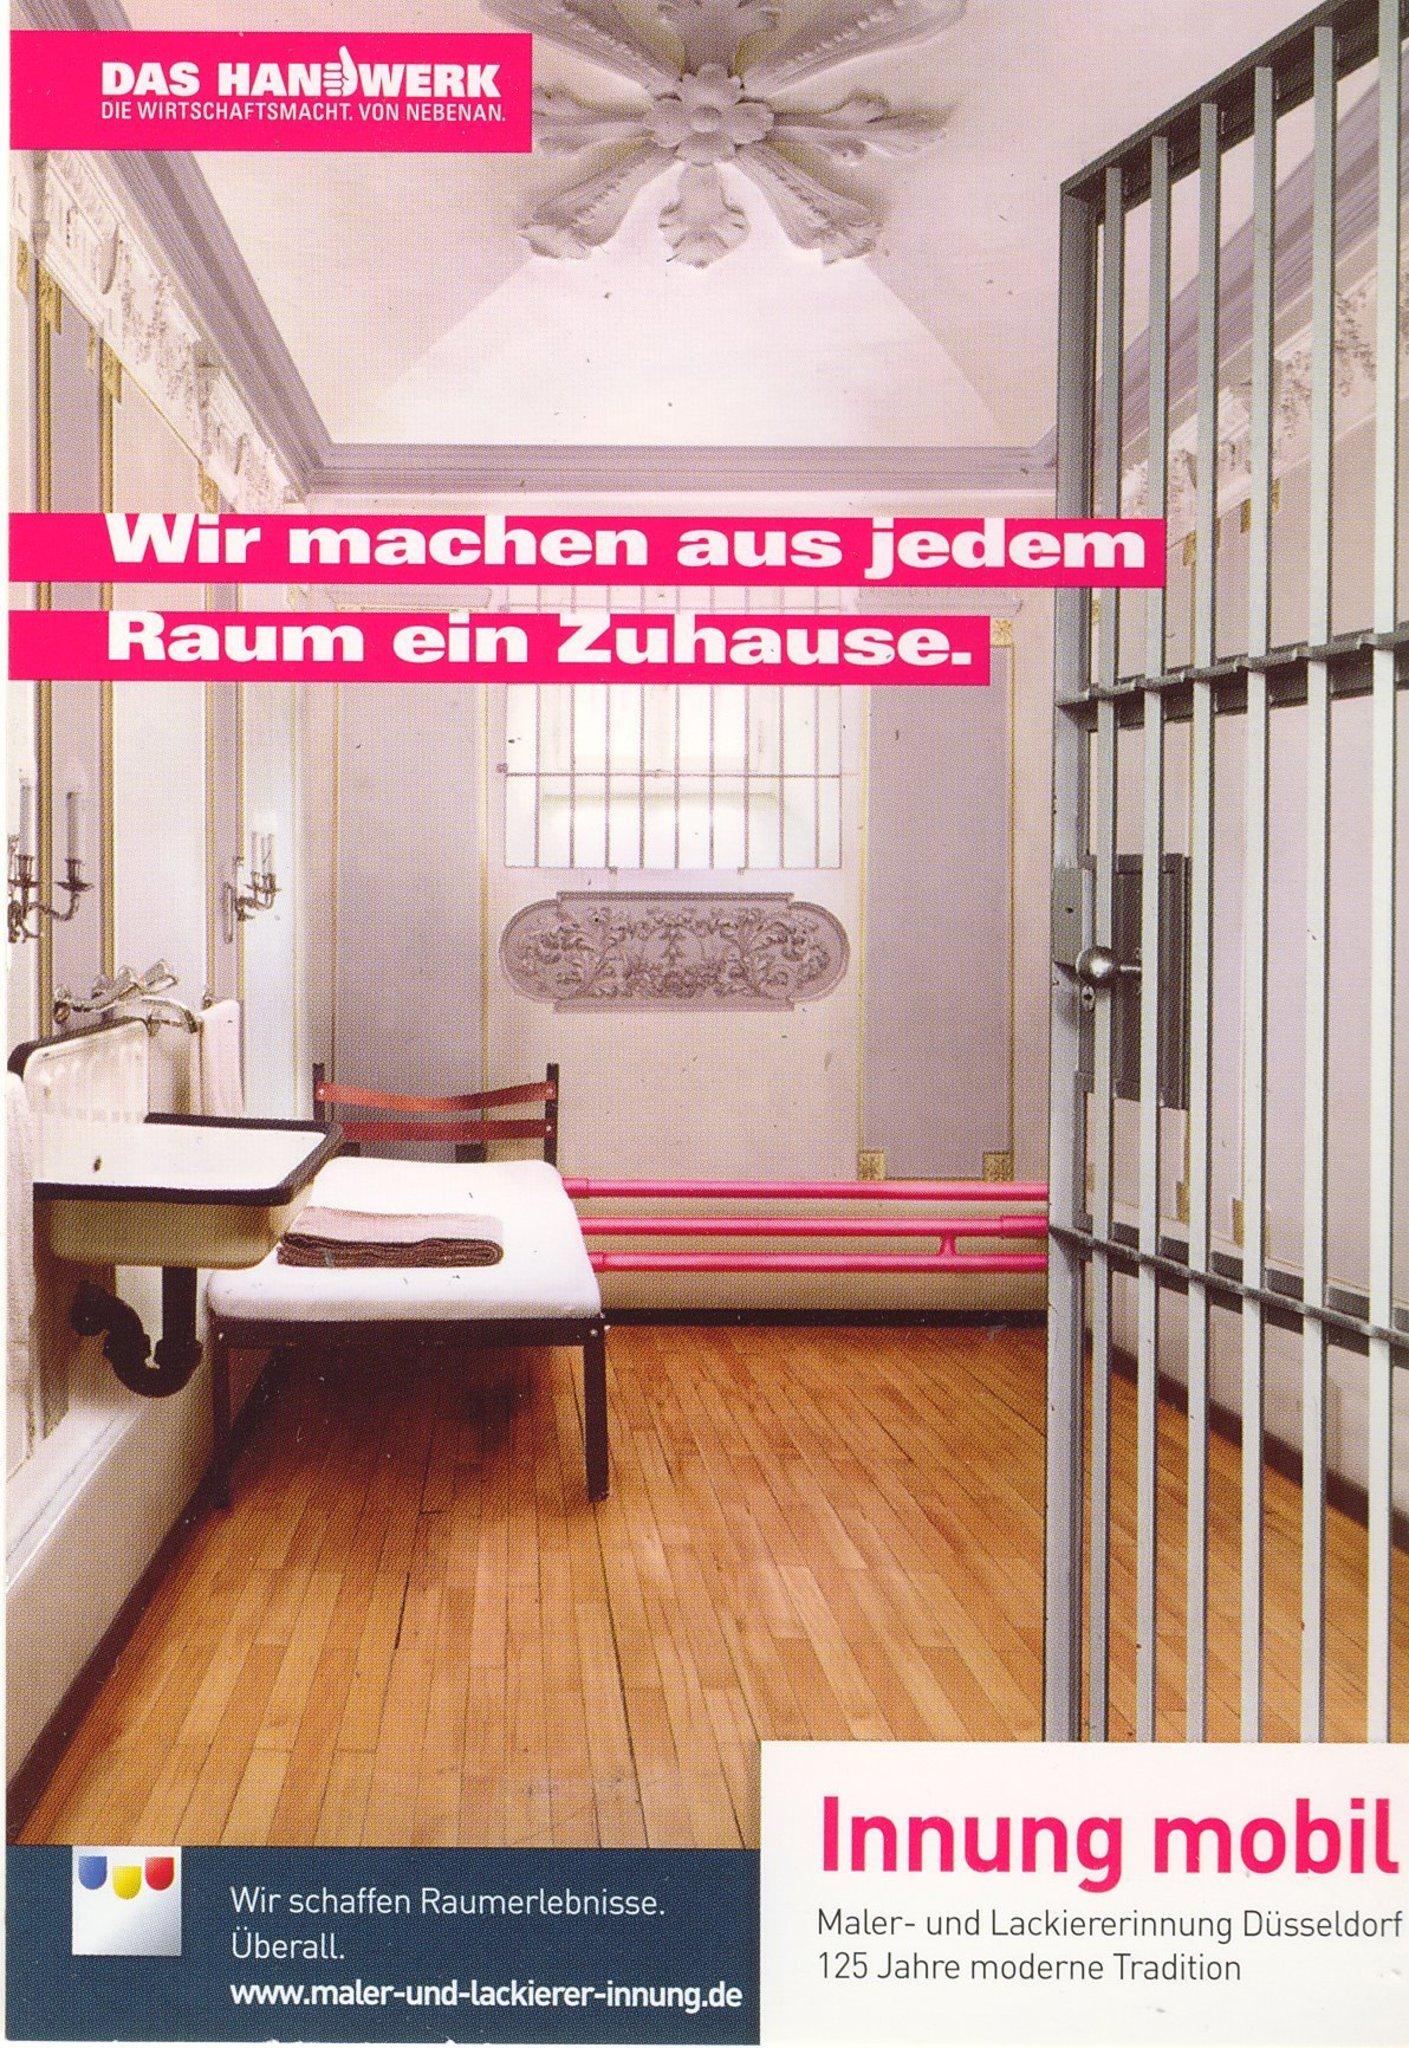 durch renovierung haus und wohnung wieder flott machen d sseldorf. Black Bedroom Furniture Sets. Home Design Ideas